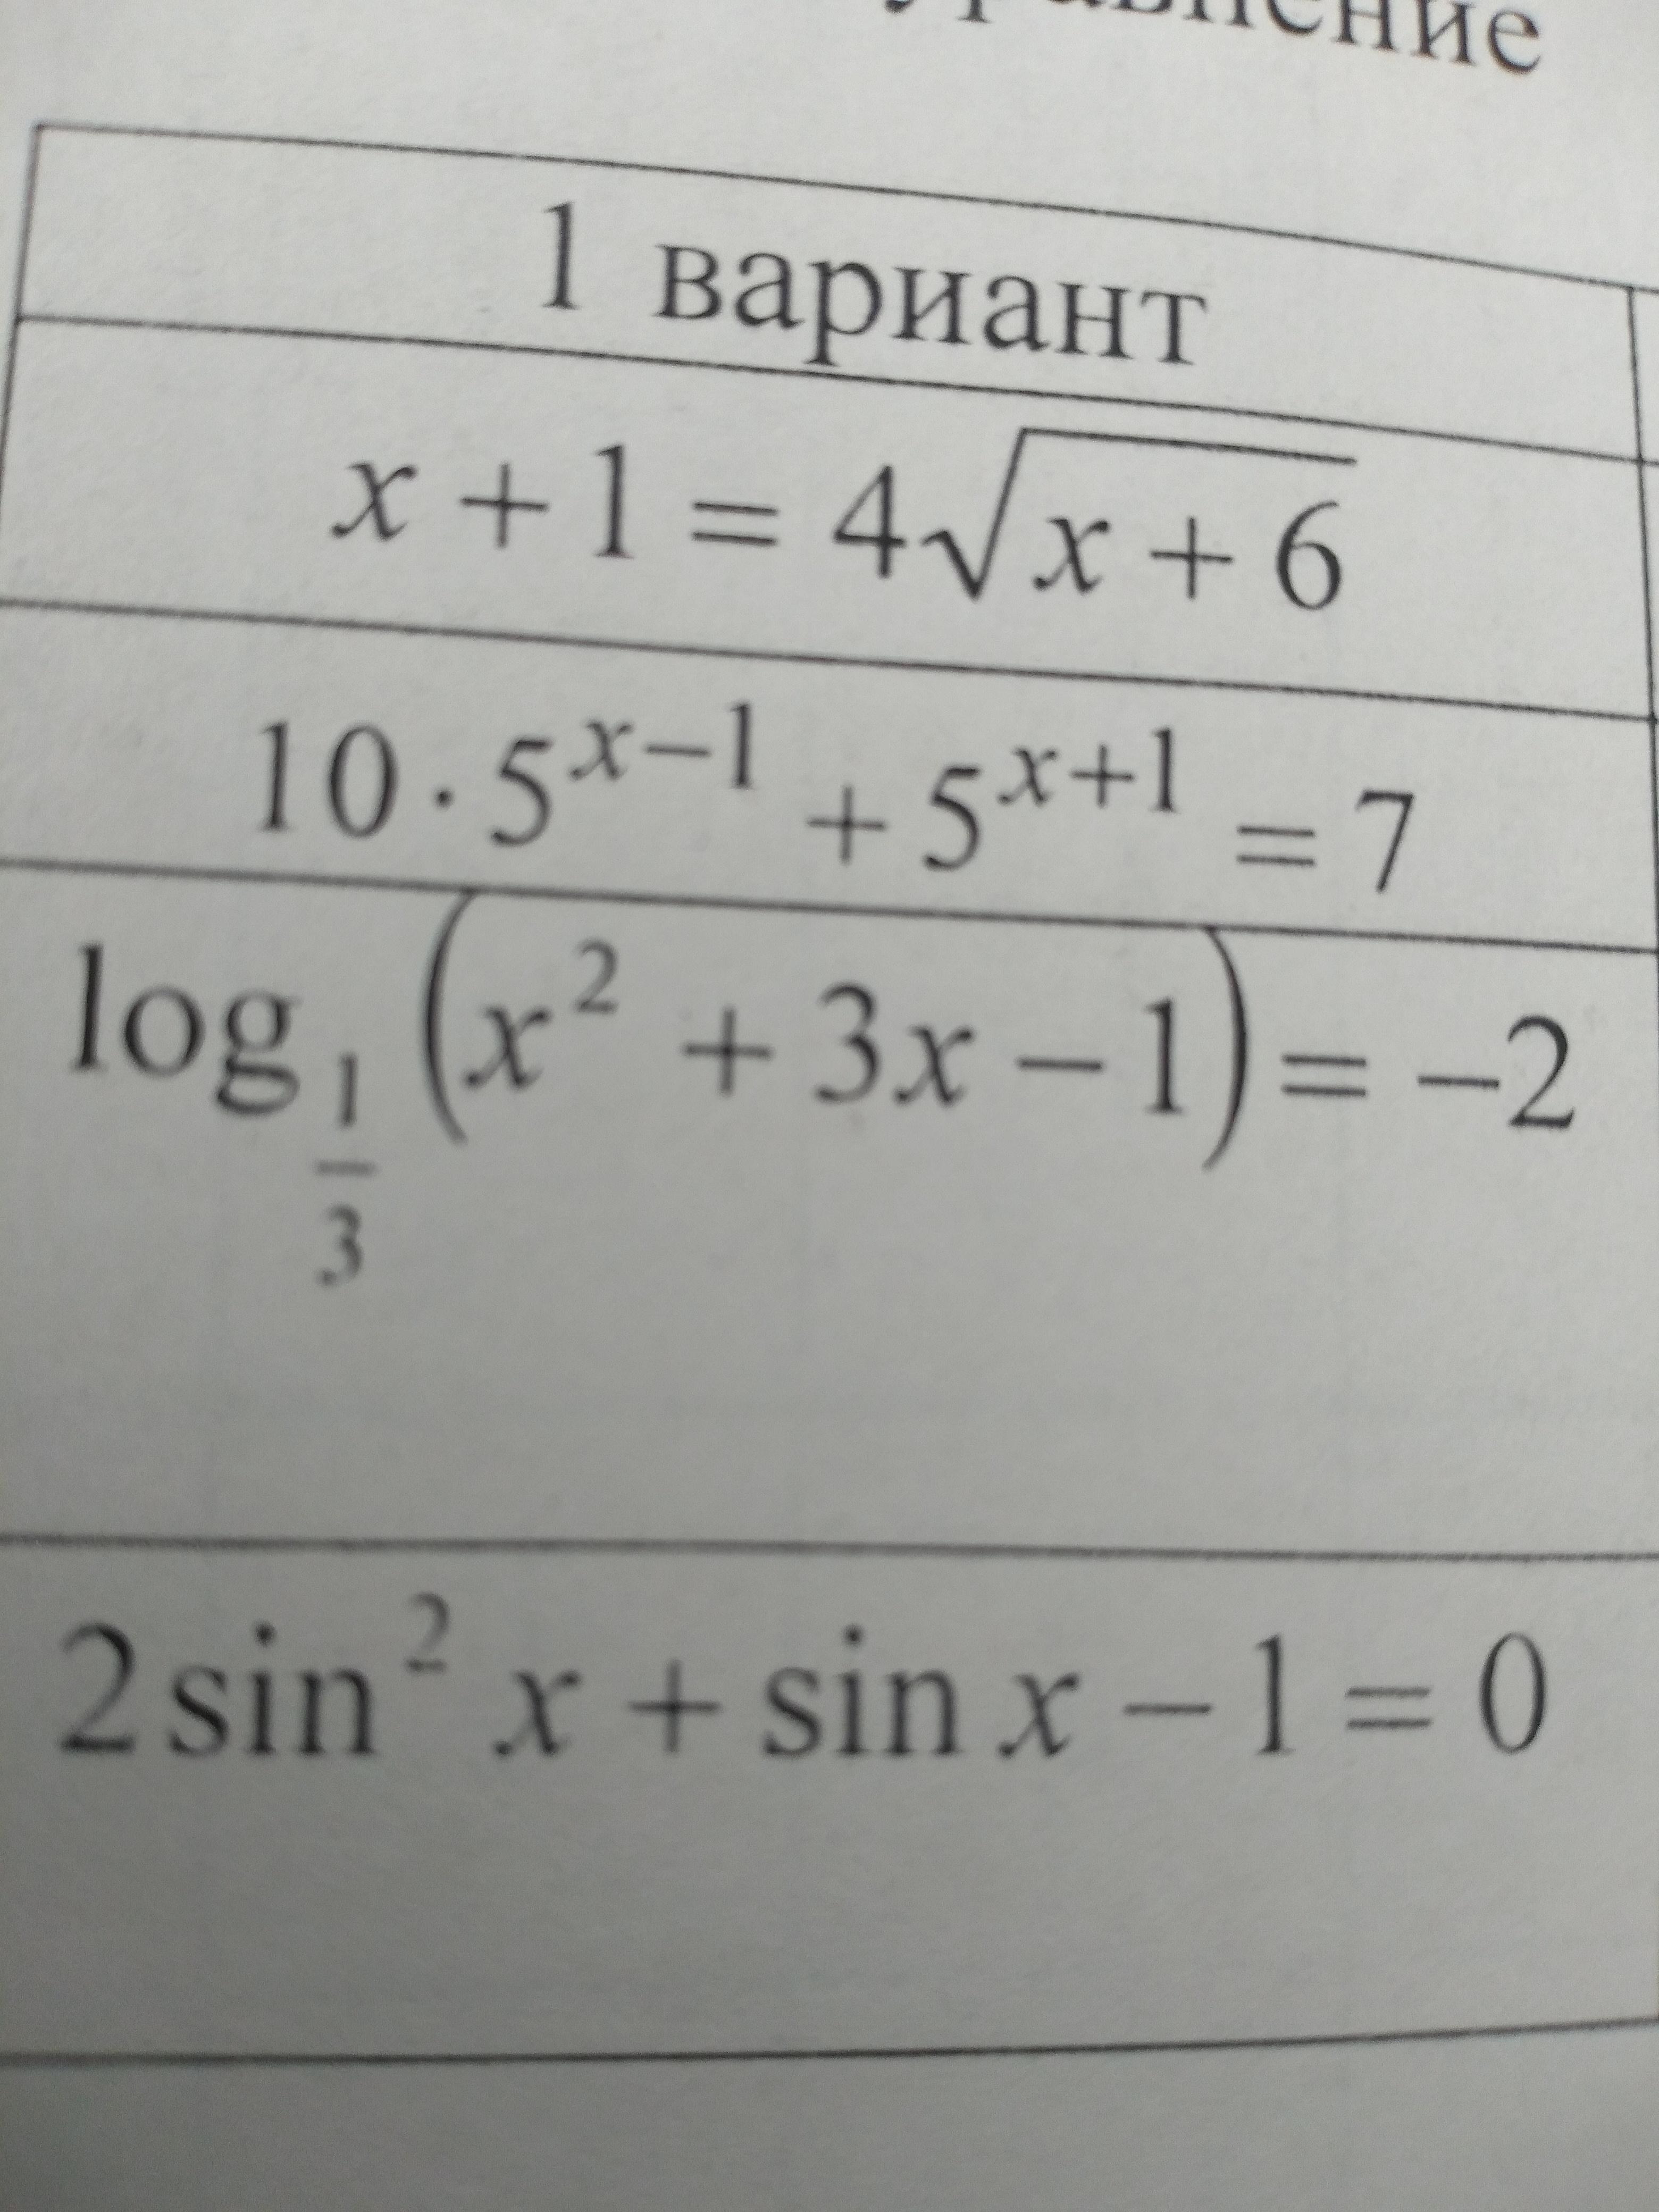 Помогите пожалуйста решить 1 столбик, 1 вариант